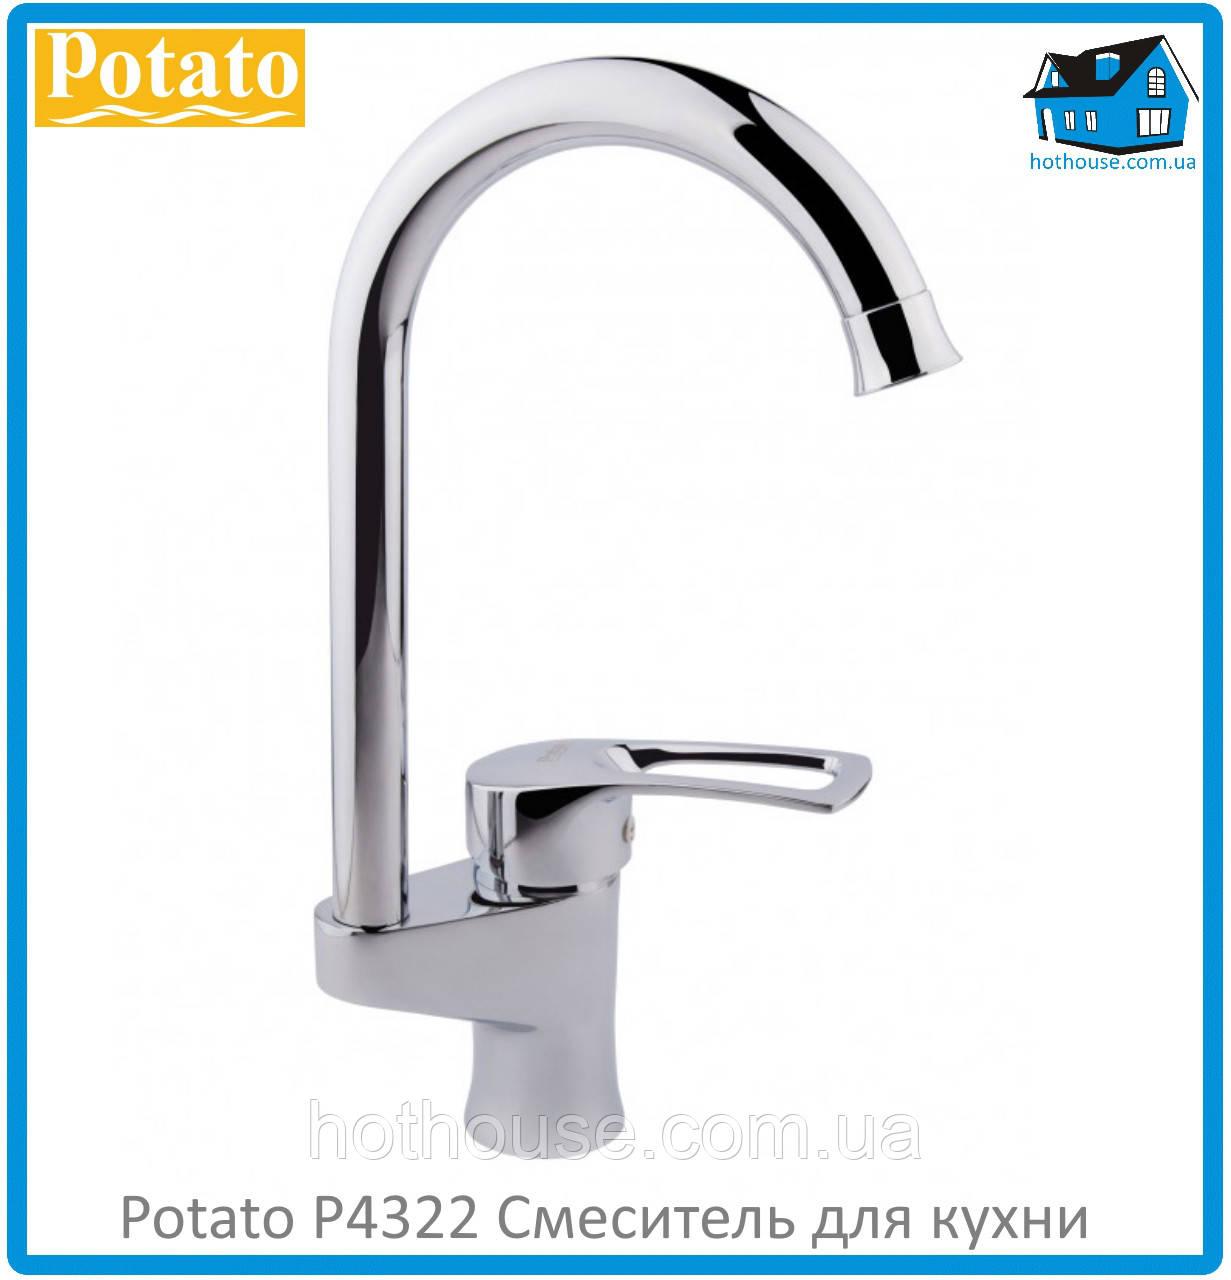 Смеситель для кухни Potato P4322